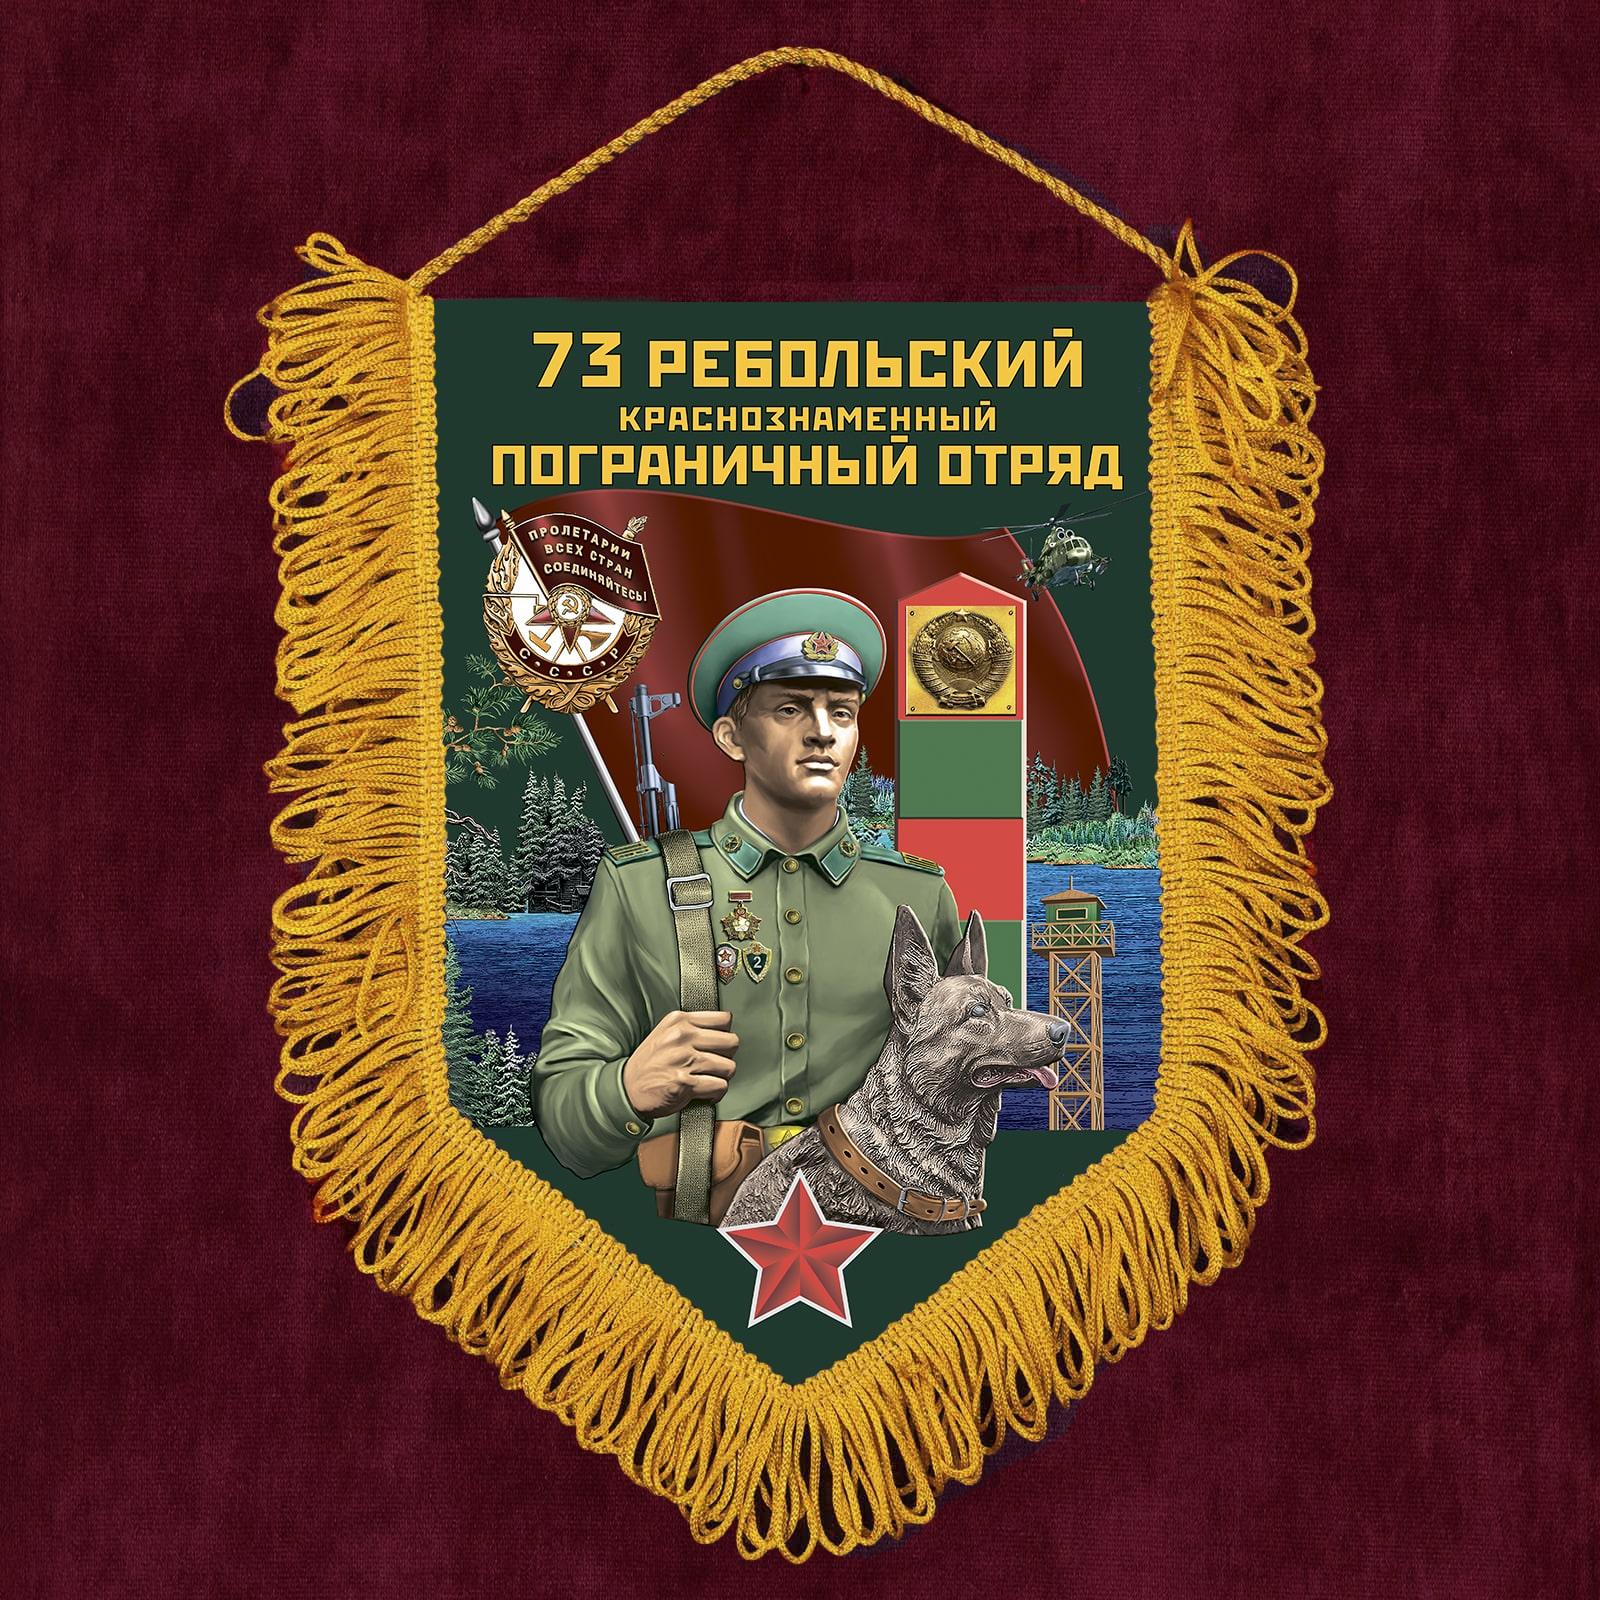 """Сувенирный вымпел """"73 Ребольский пограничный отряд"""""""